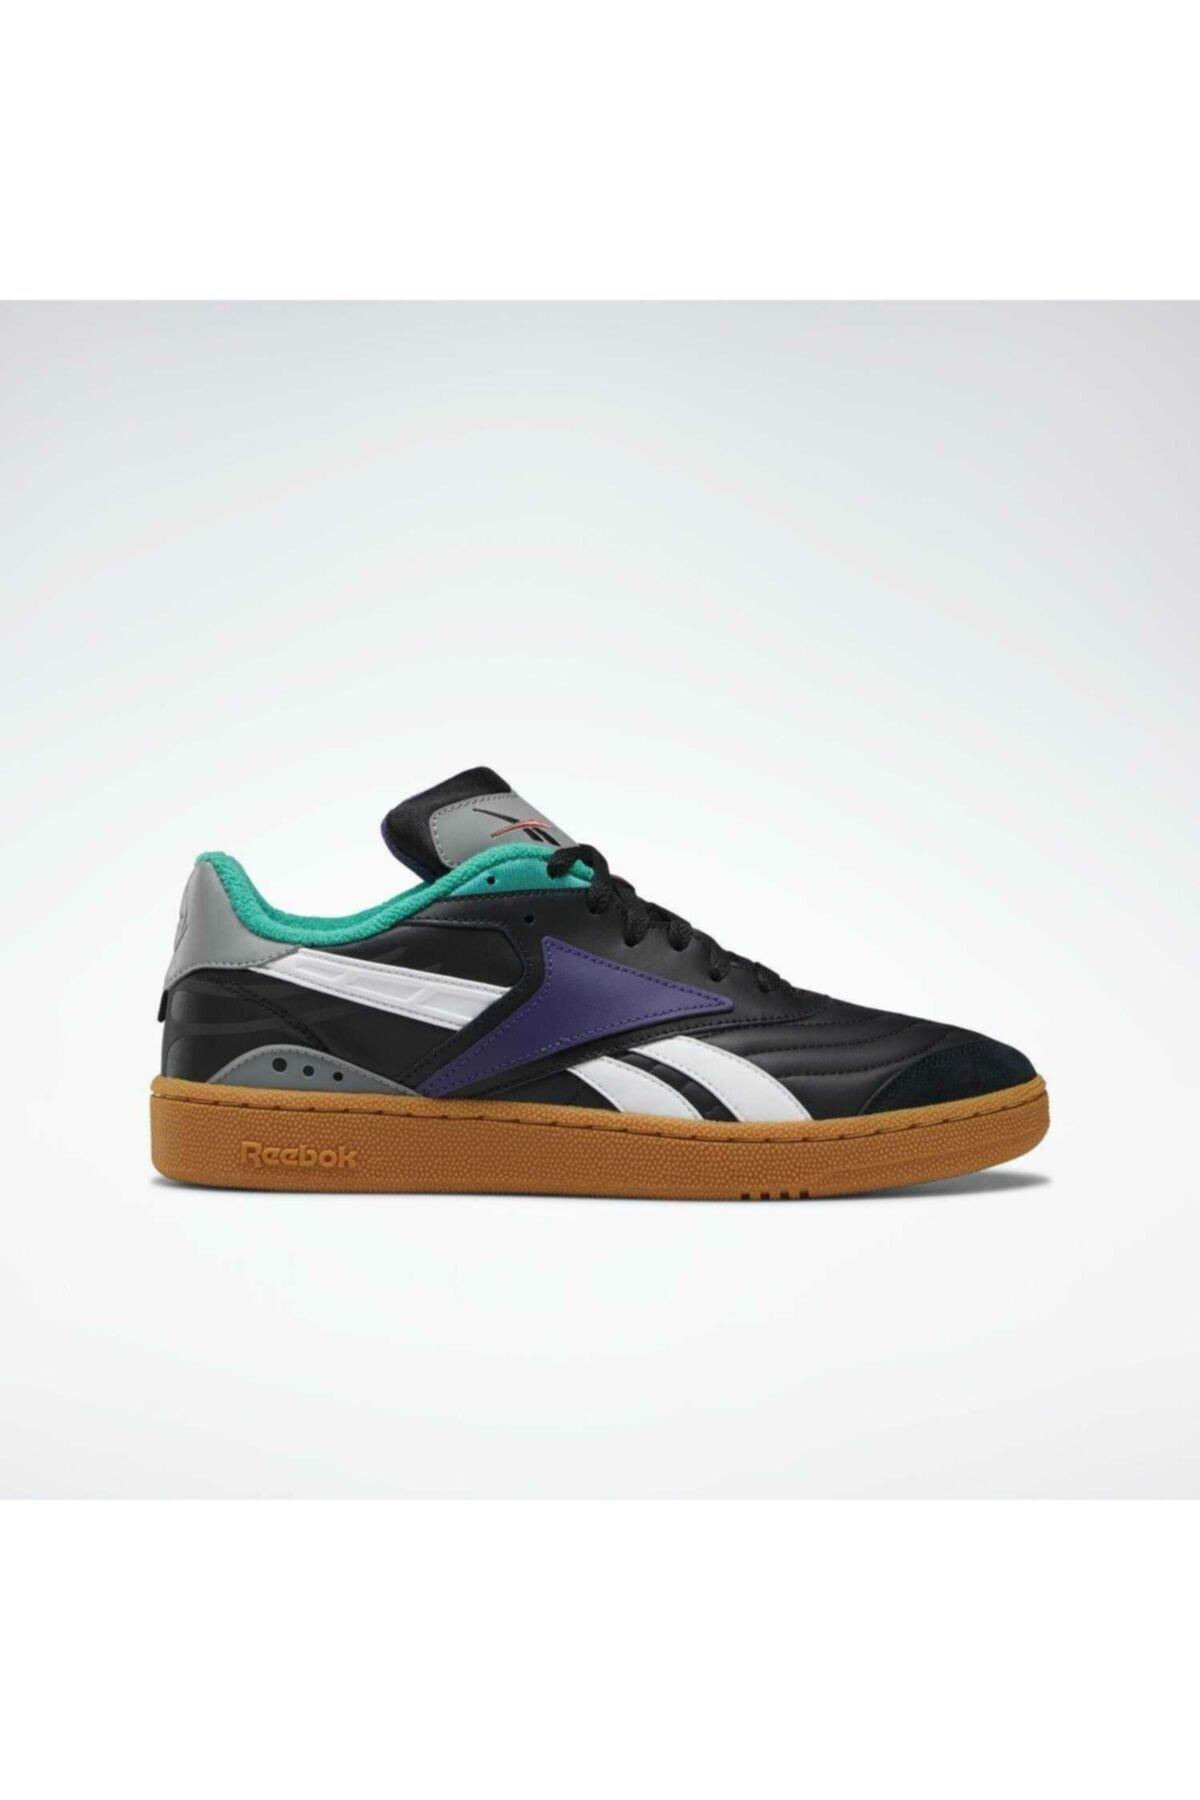 Reebok Dv8668 Club C Rc 1.0 Erkek Genç Günlük Spor Ayakkabı 1